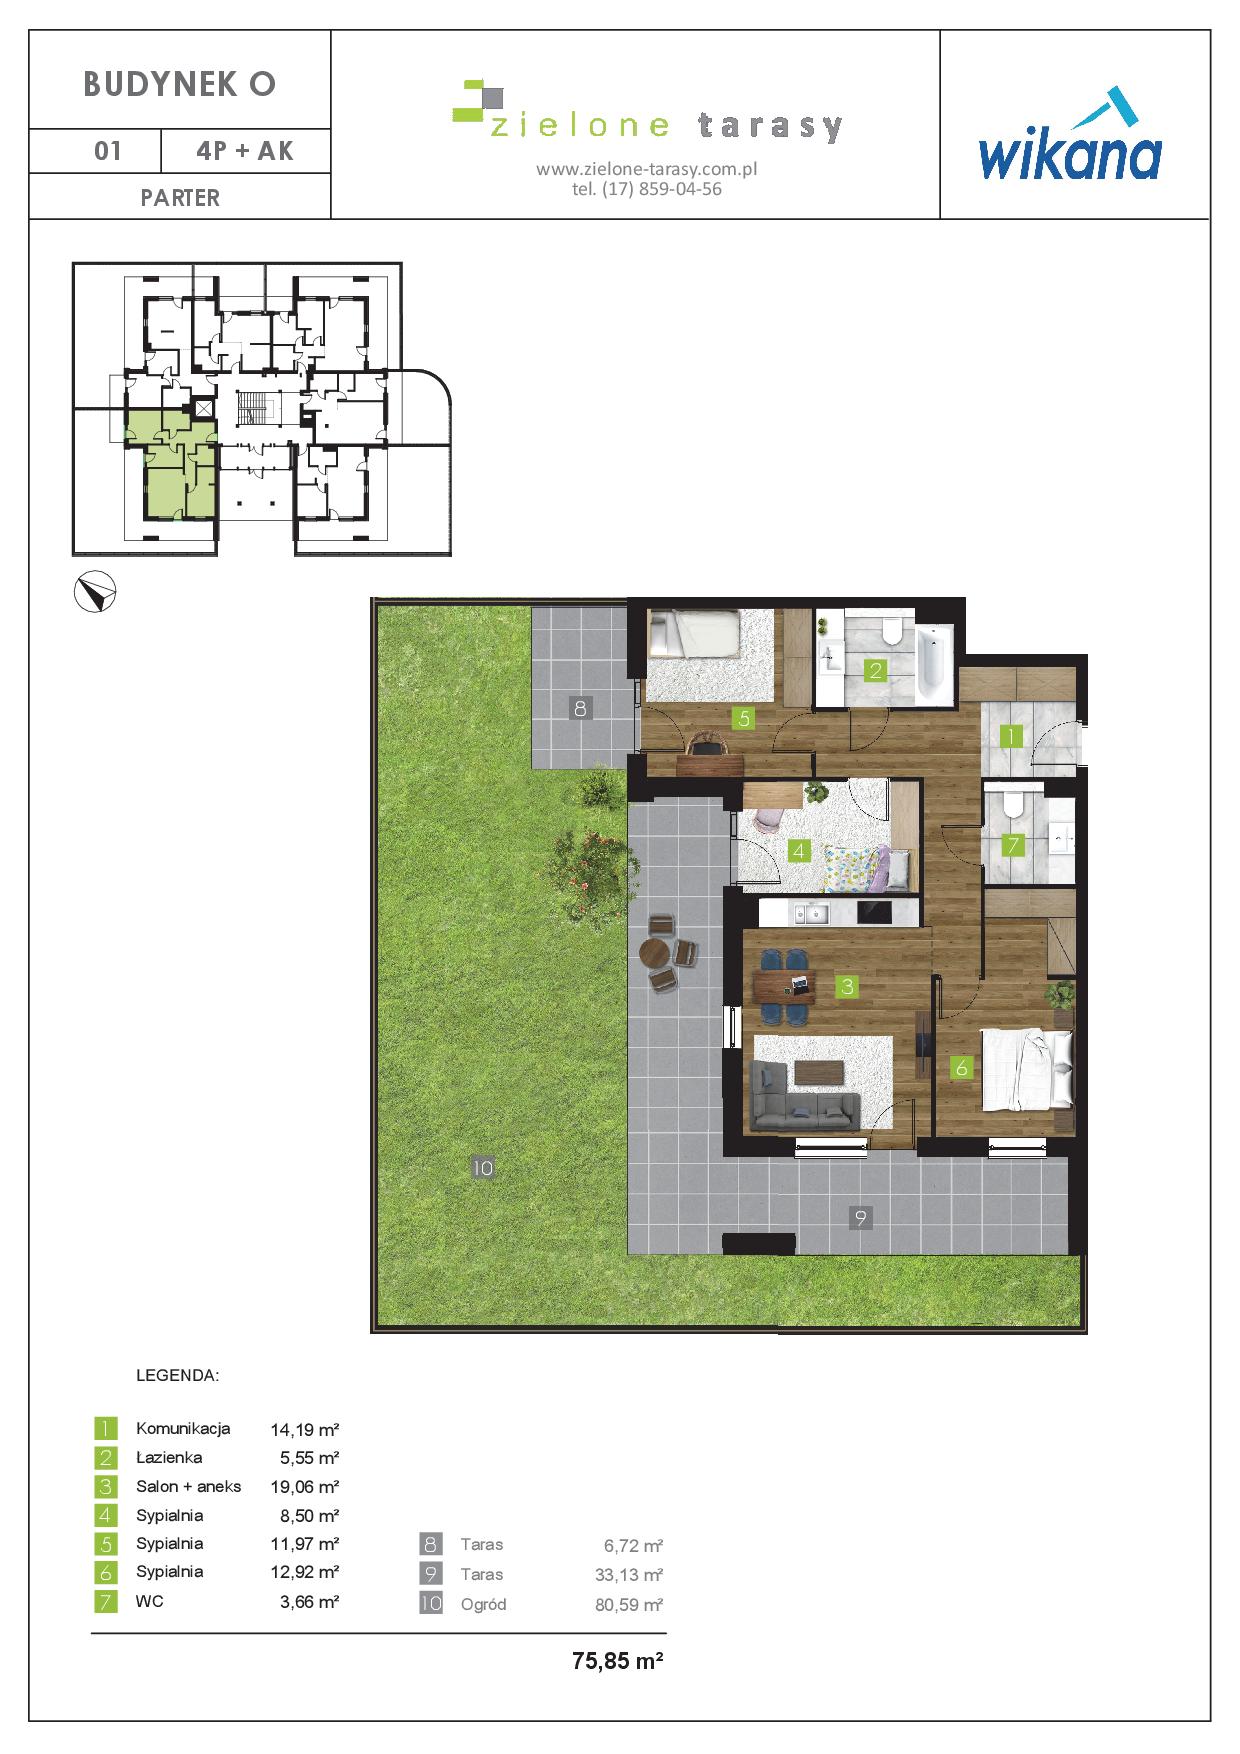 sprzedaż mieszkań rzeszów - O-01